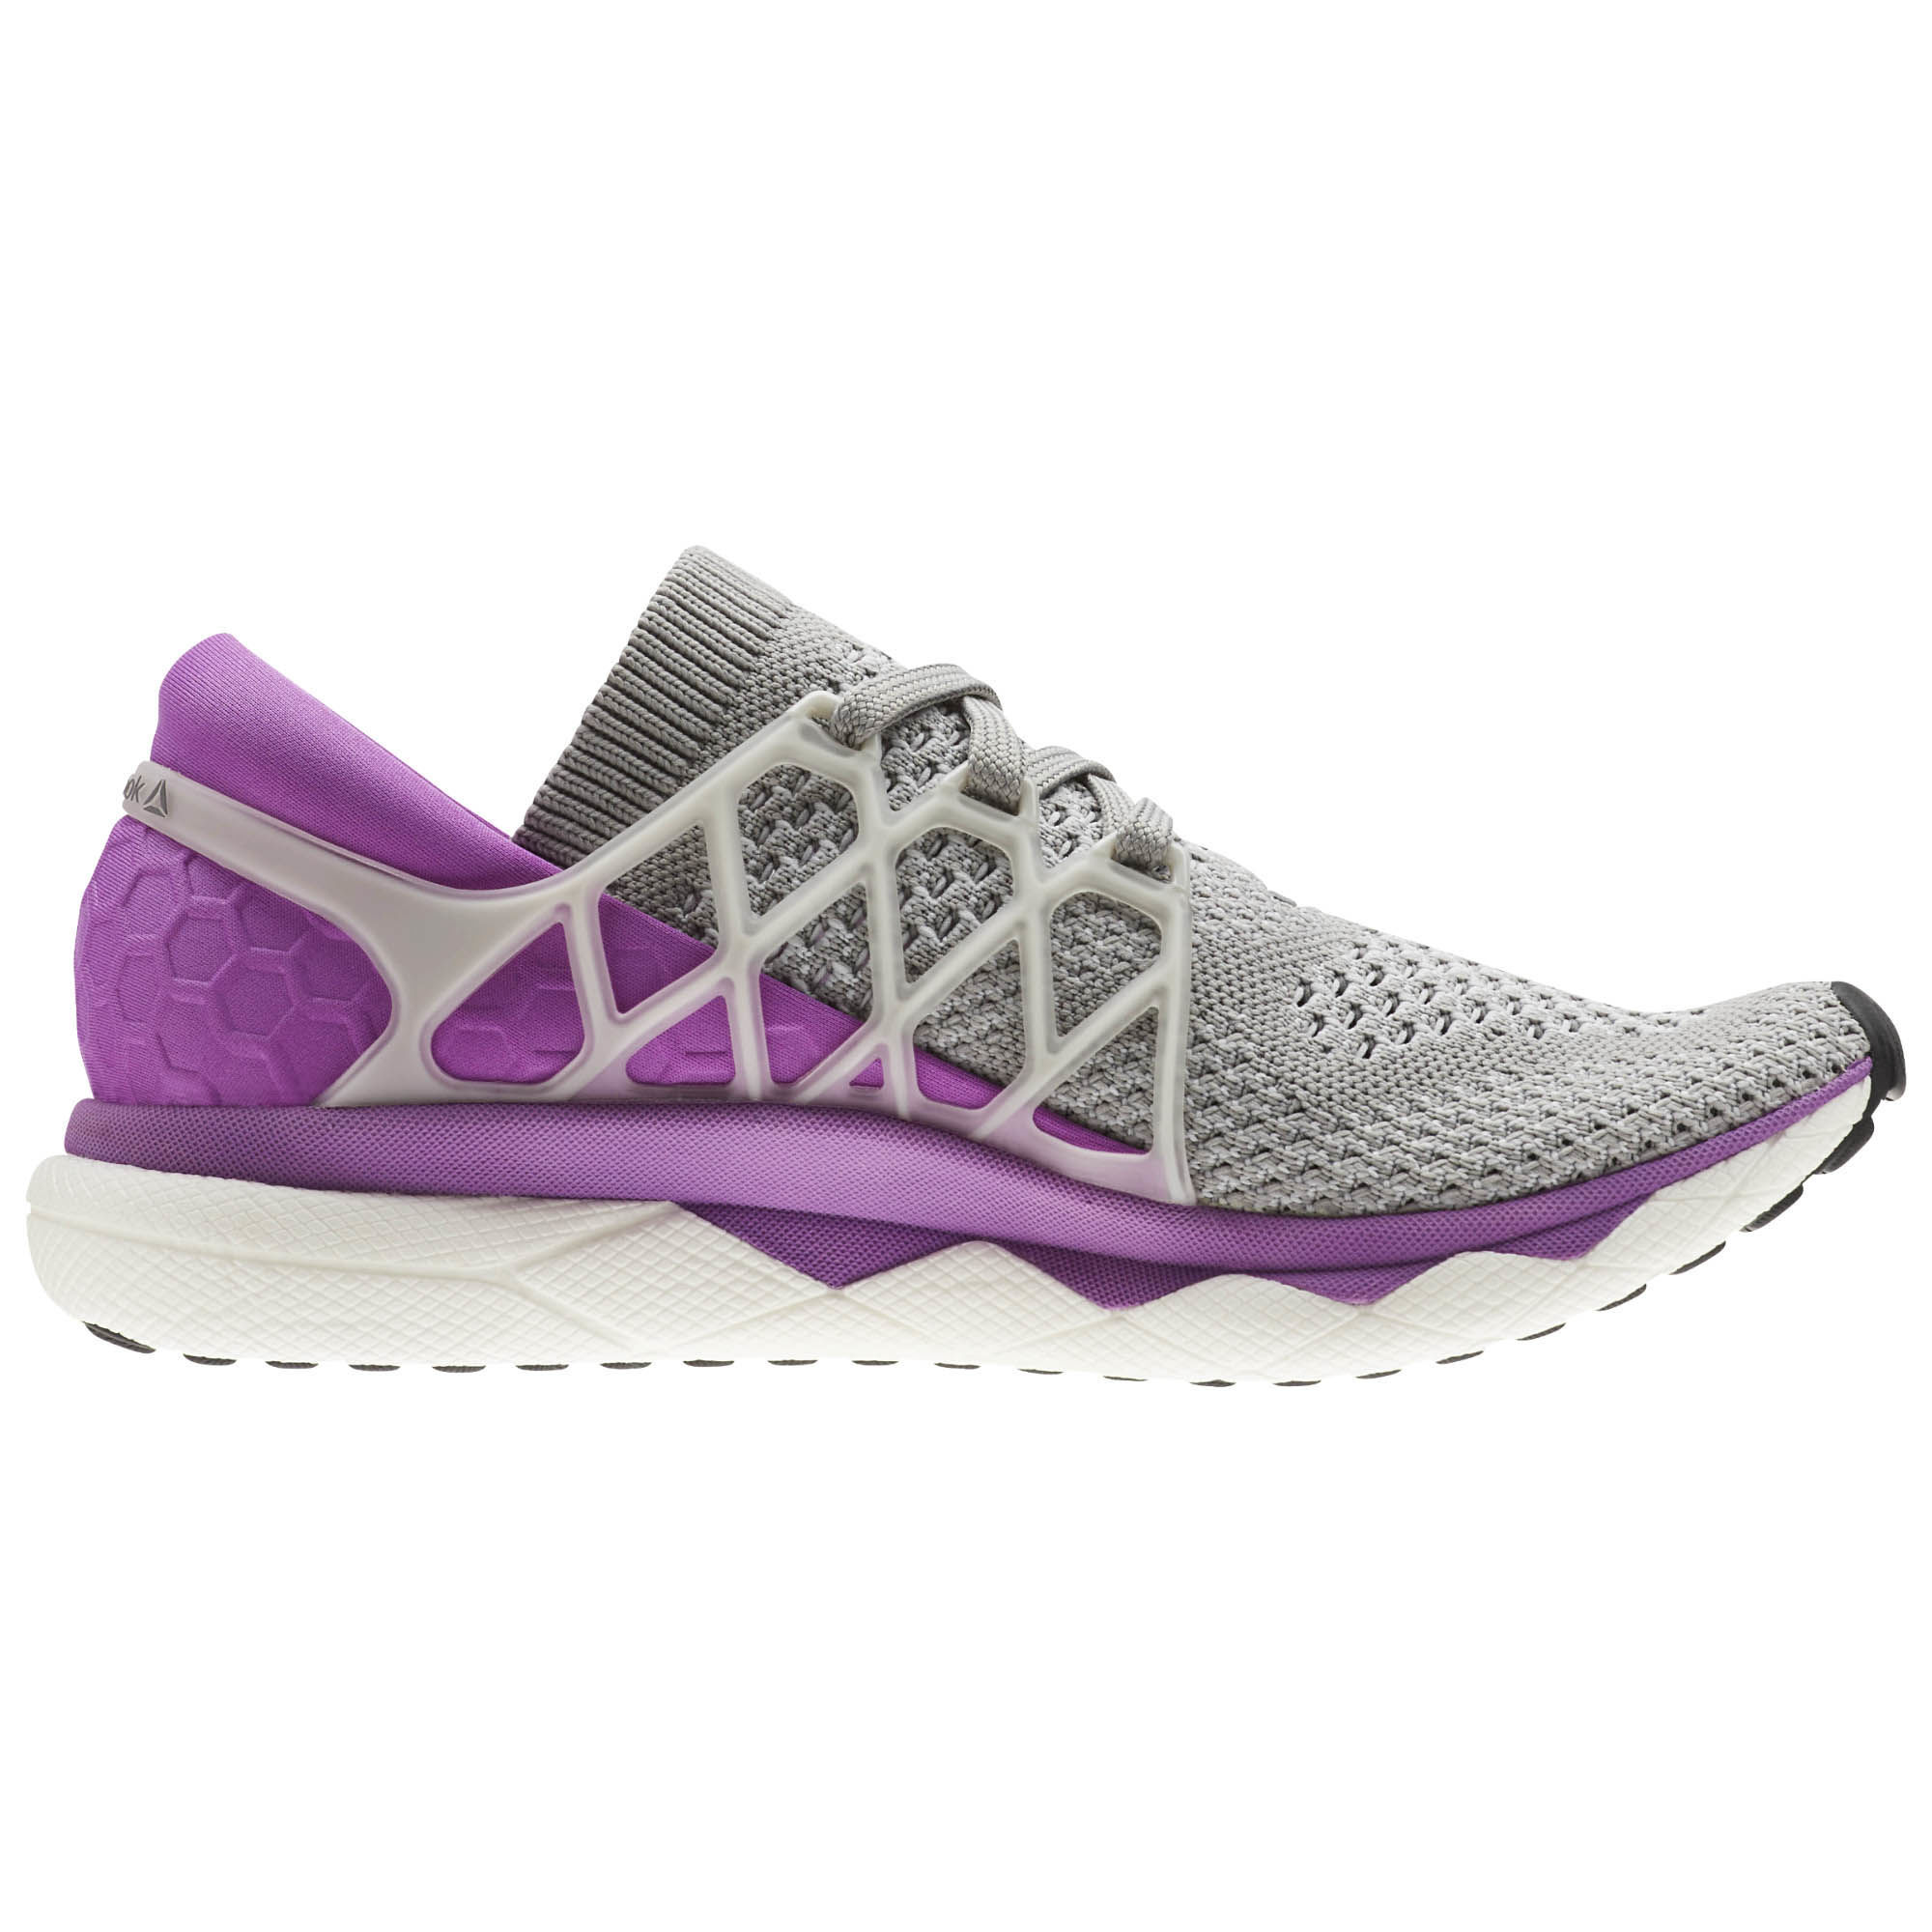 Reebok Lady Floatride Run Ultraknit in Grau Violett